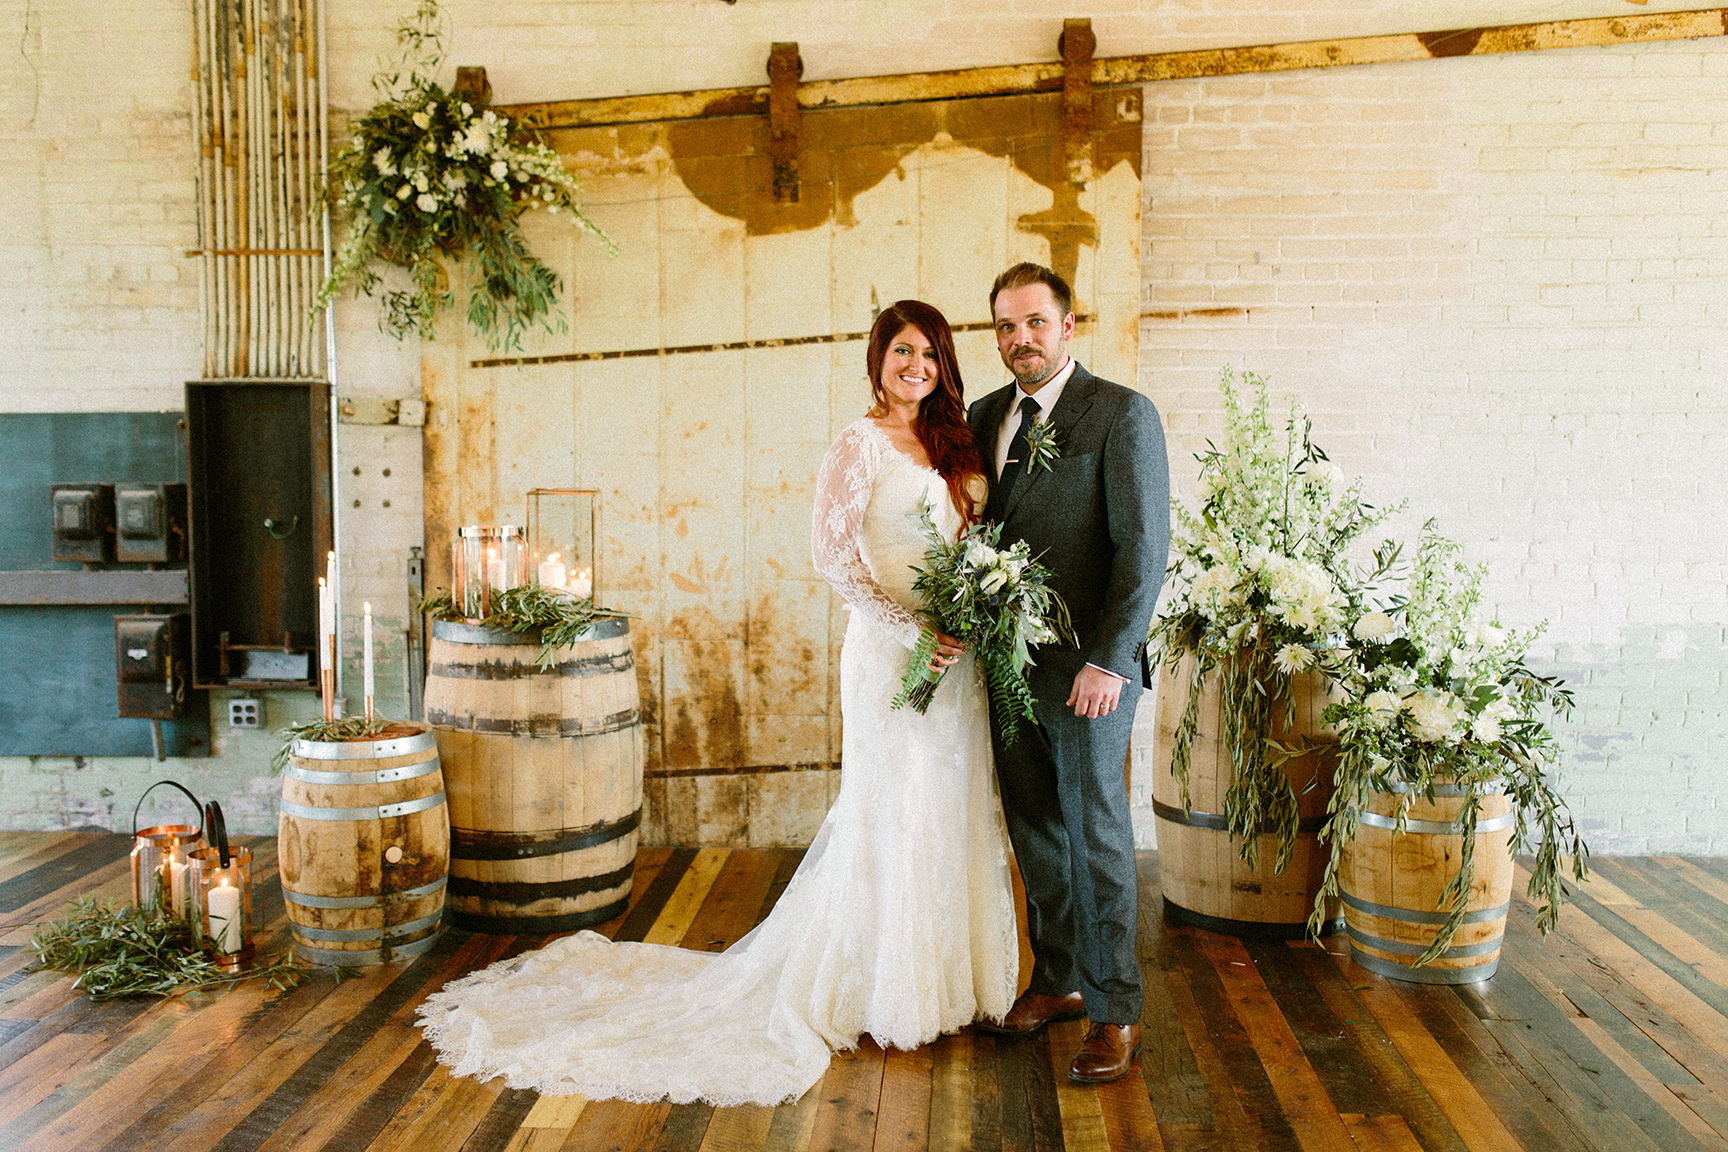 20170422-Erickson_Wedding-711.jpg